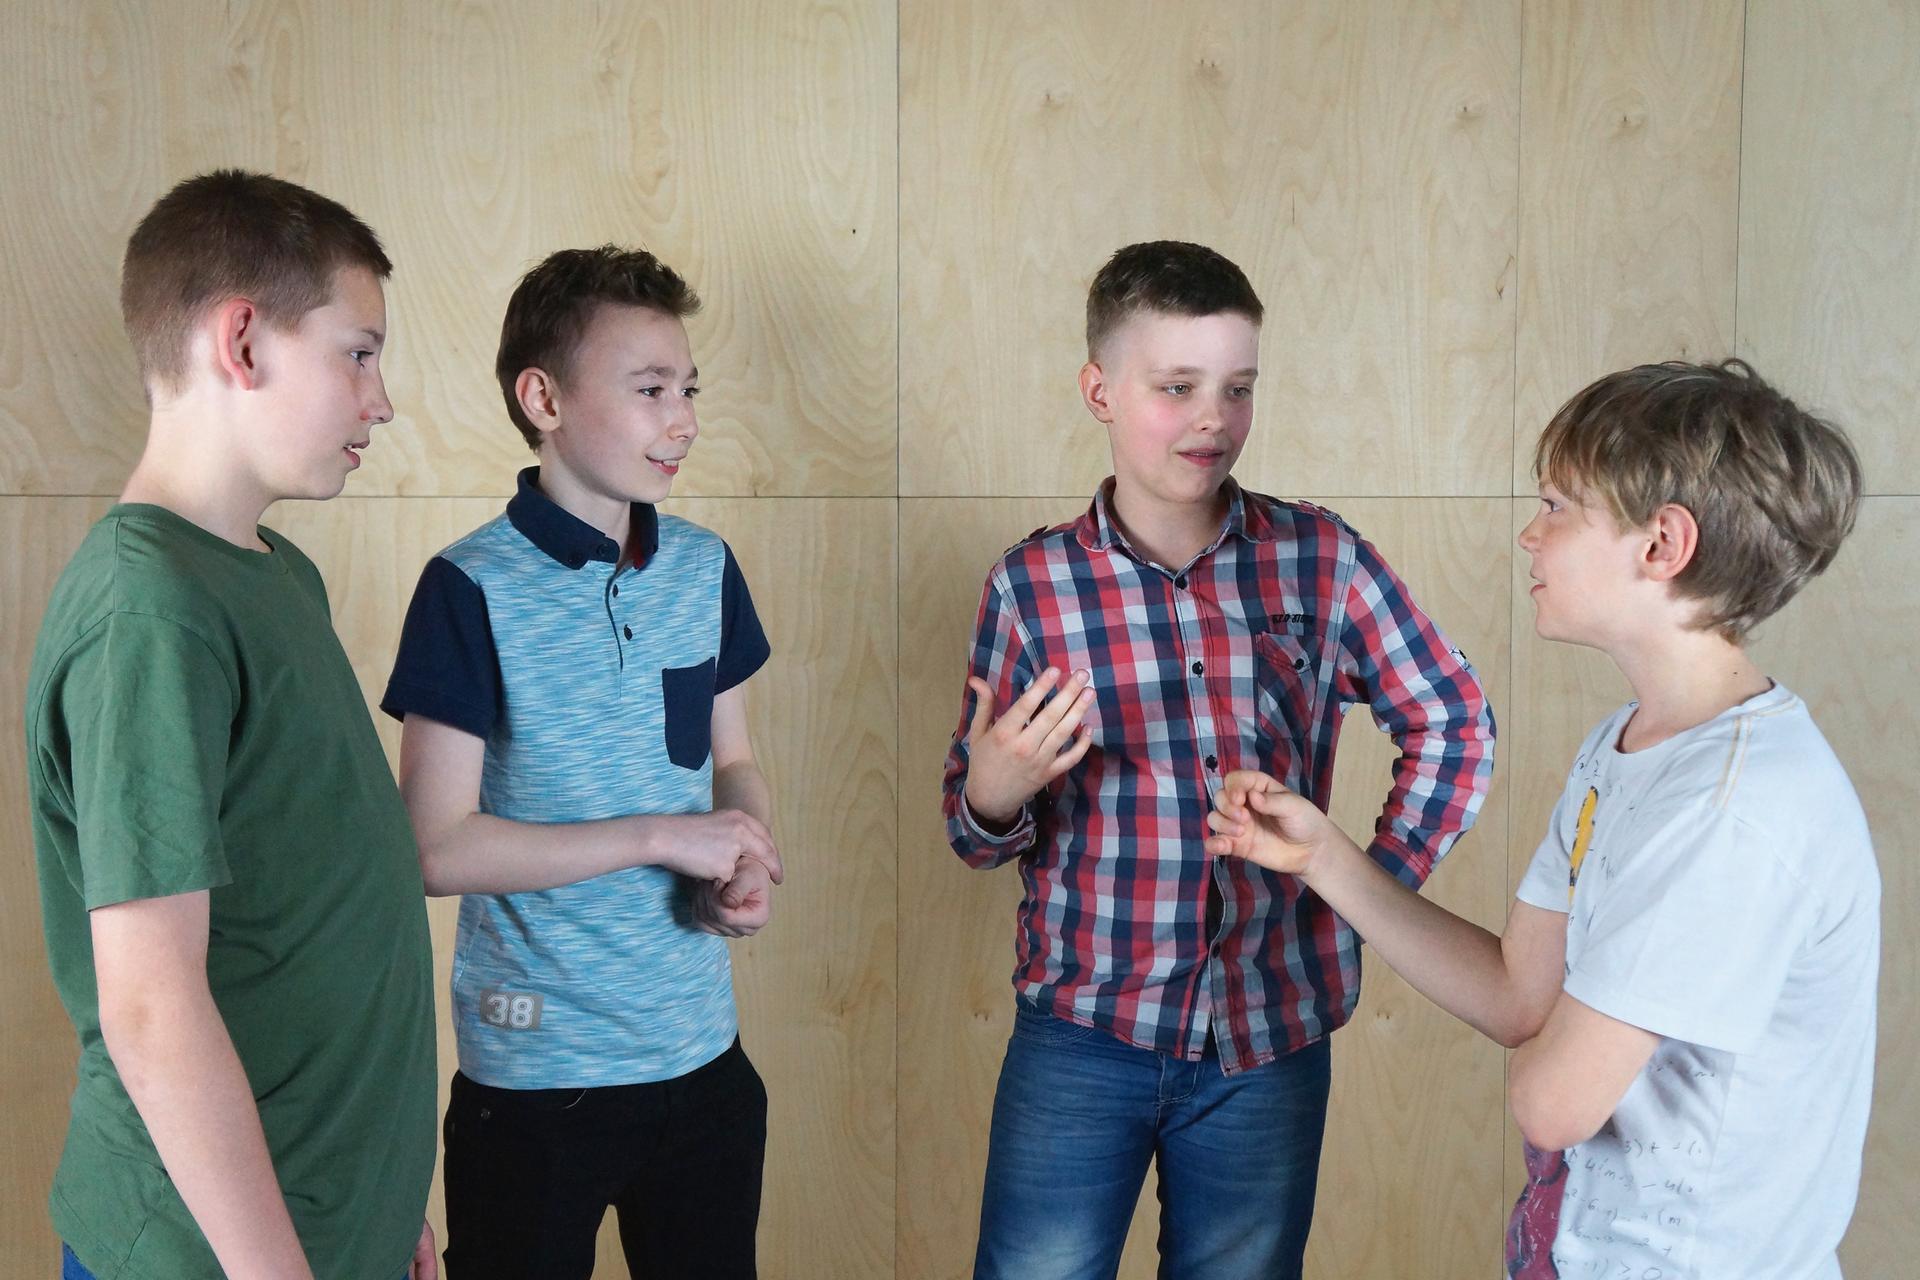 Galeria fotografii przedstawia etapy rozwoju człowieka od dojrzewania do starości. Fotografia przedstawia grupę czterech rozmawiających ze sobą chłopców wwieku około 12 lat. To okres, wktórym grupa rówieśników odgrywa dużą rolę wżyciu jednostki.